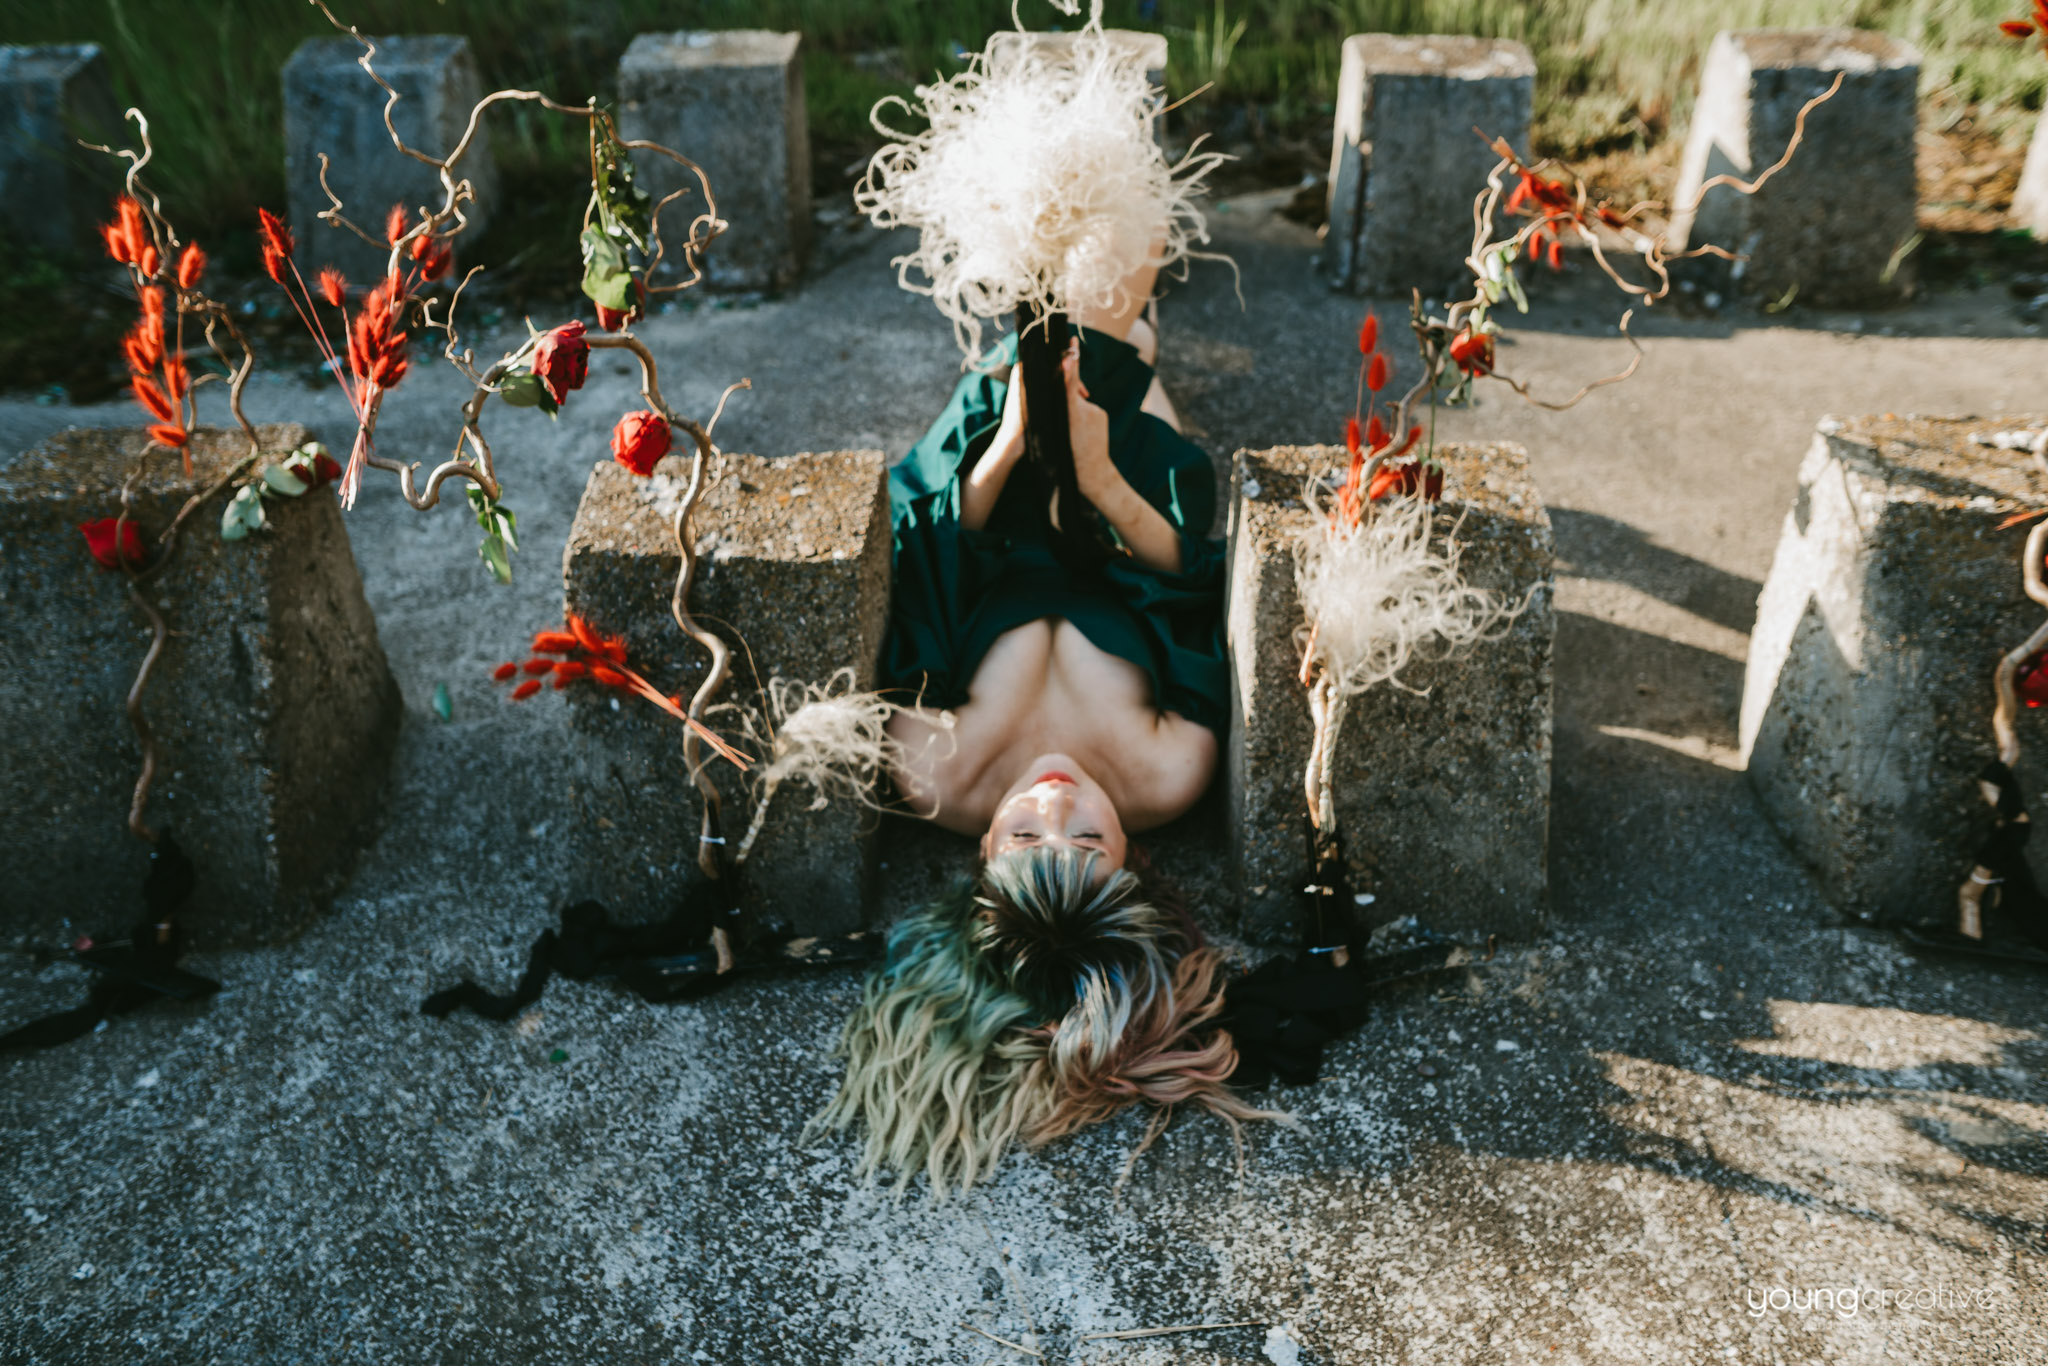 Contemporary Gothic Shooting | youngcreative.info media © Dan Filipciuc, Cristina Bejan | fotograf de destinatie, nunta